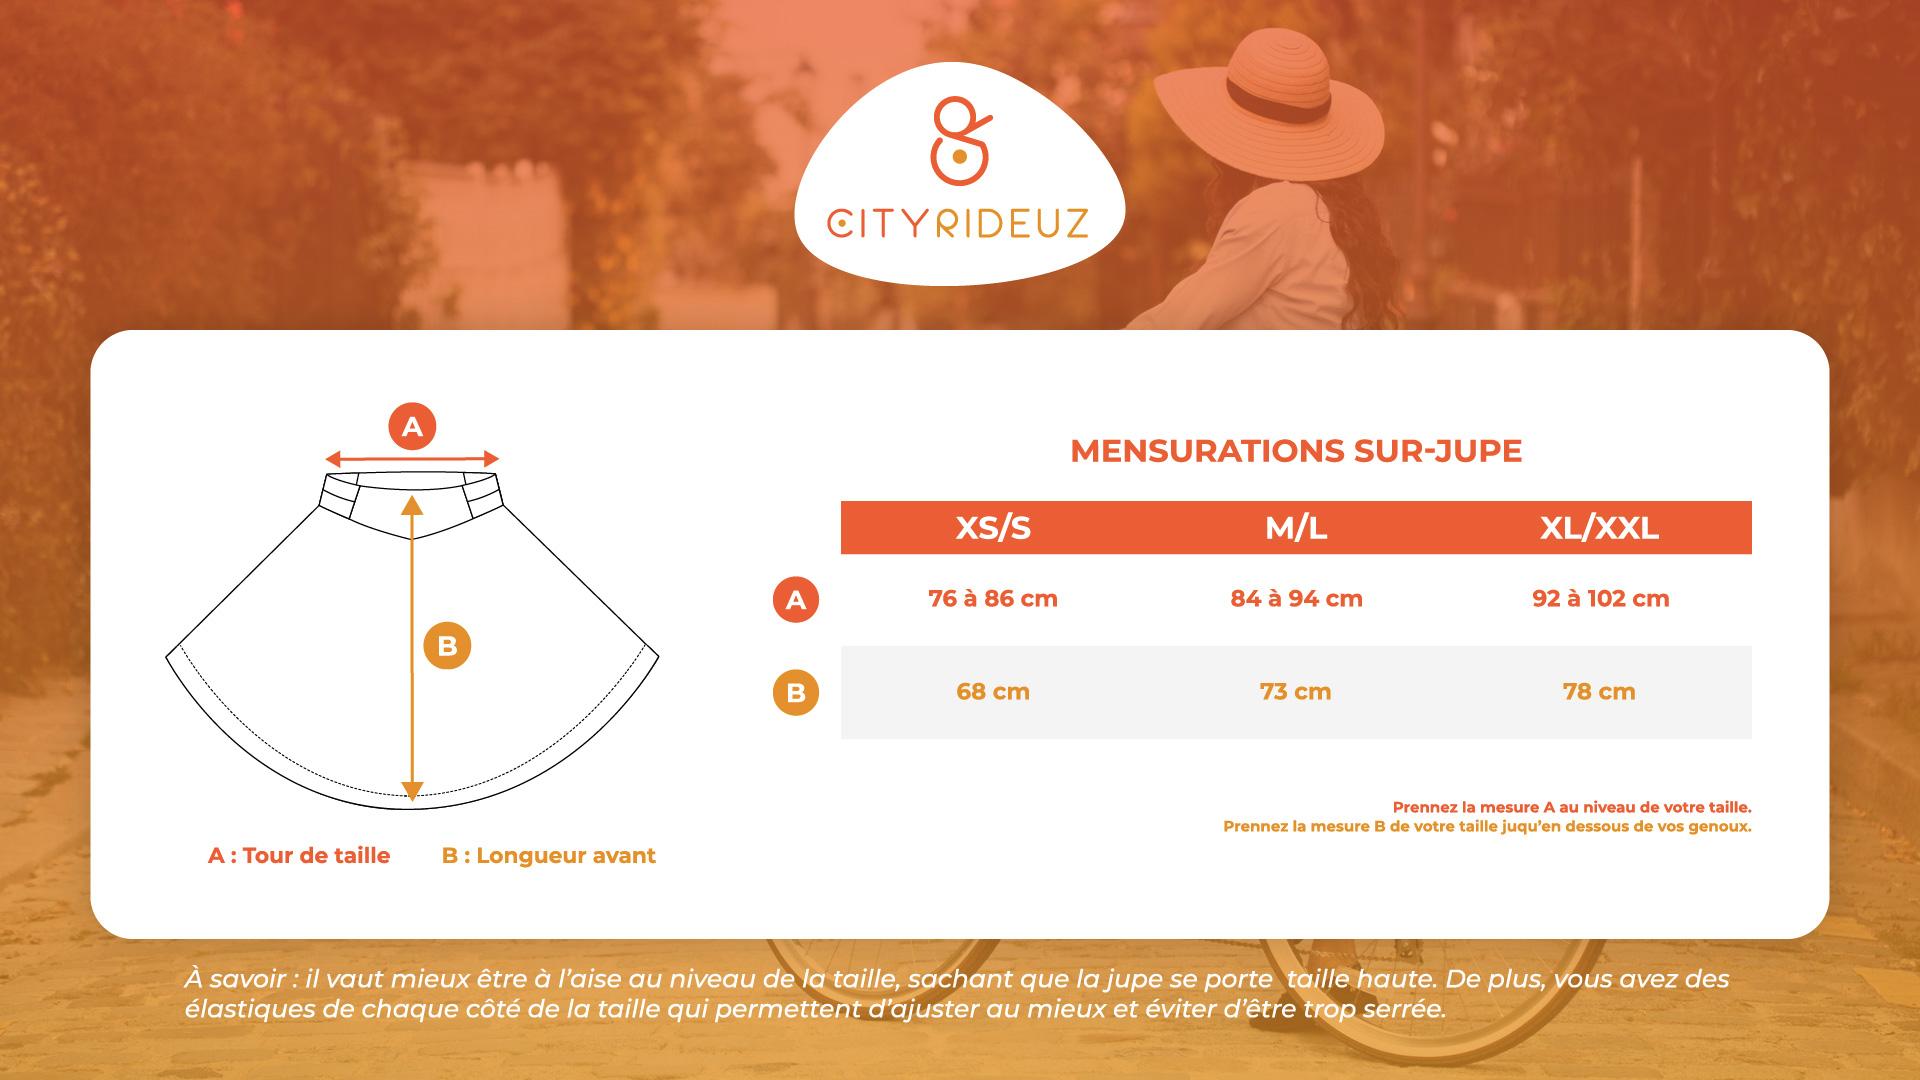 Guide des tailles Cityrideuz